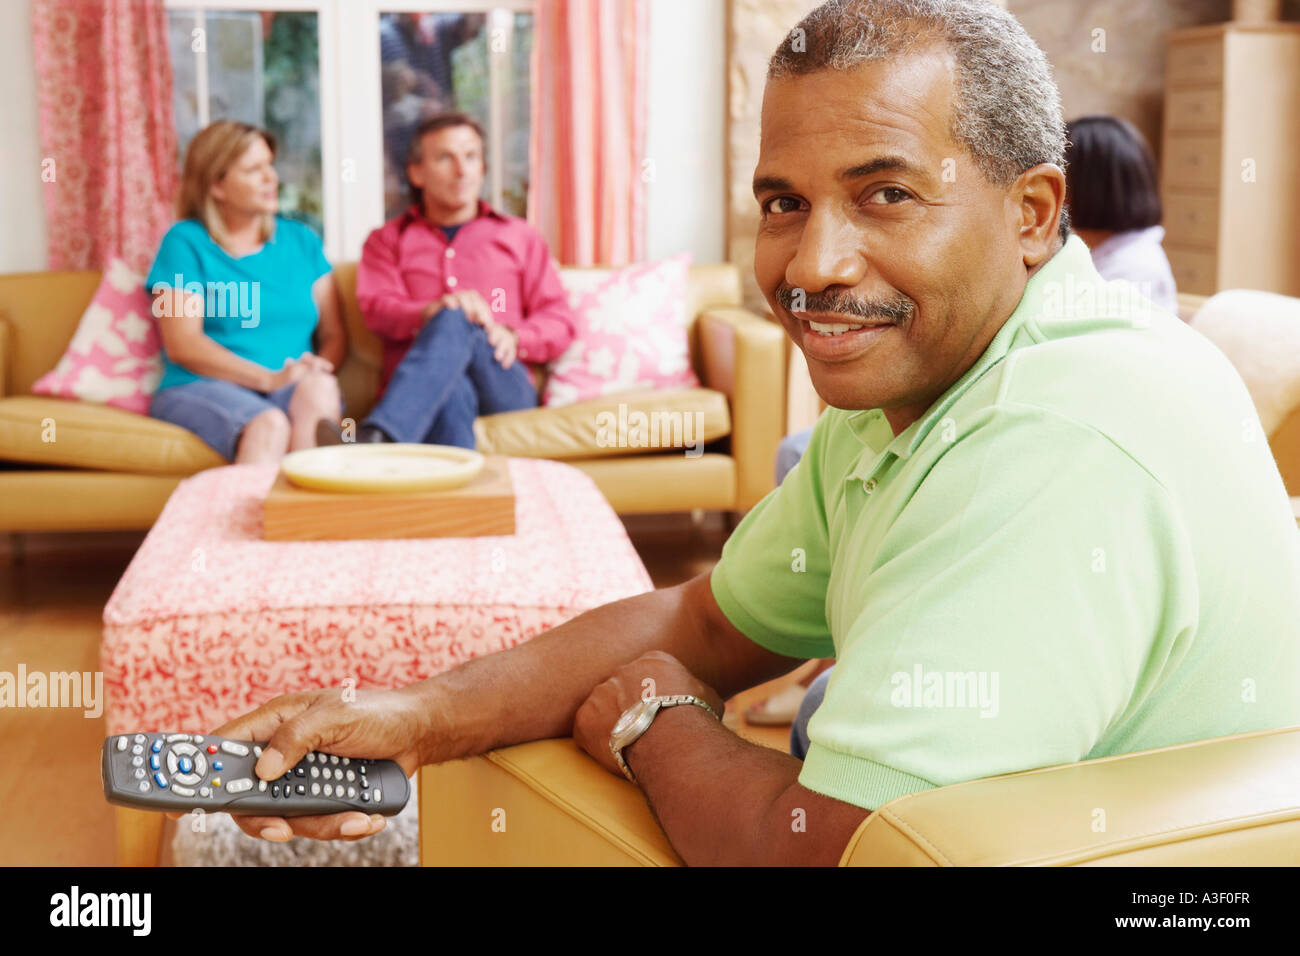 Porträt von einem reifen Mann Betrieb eine Fernbedienung mit drei Reife Menschen, die neben ihm sitzen Stockfoto